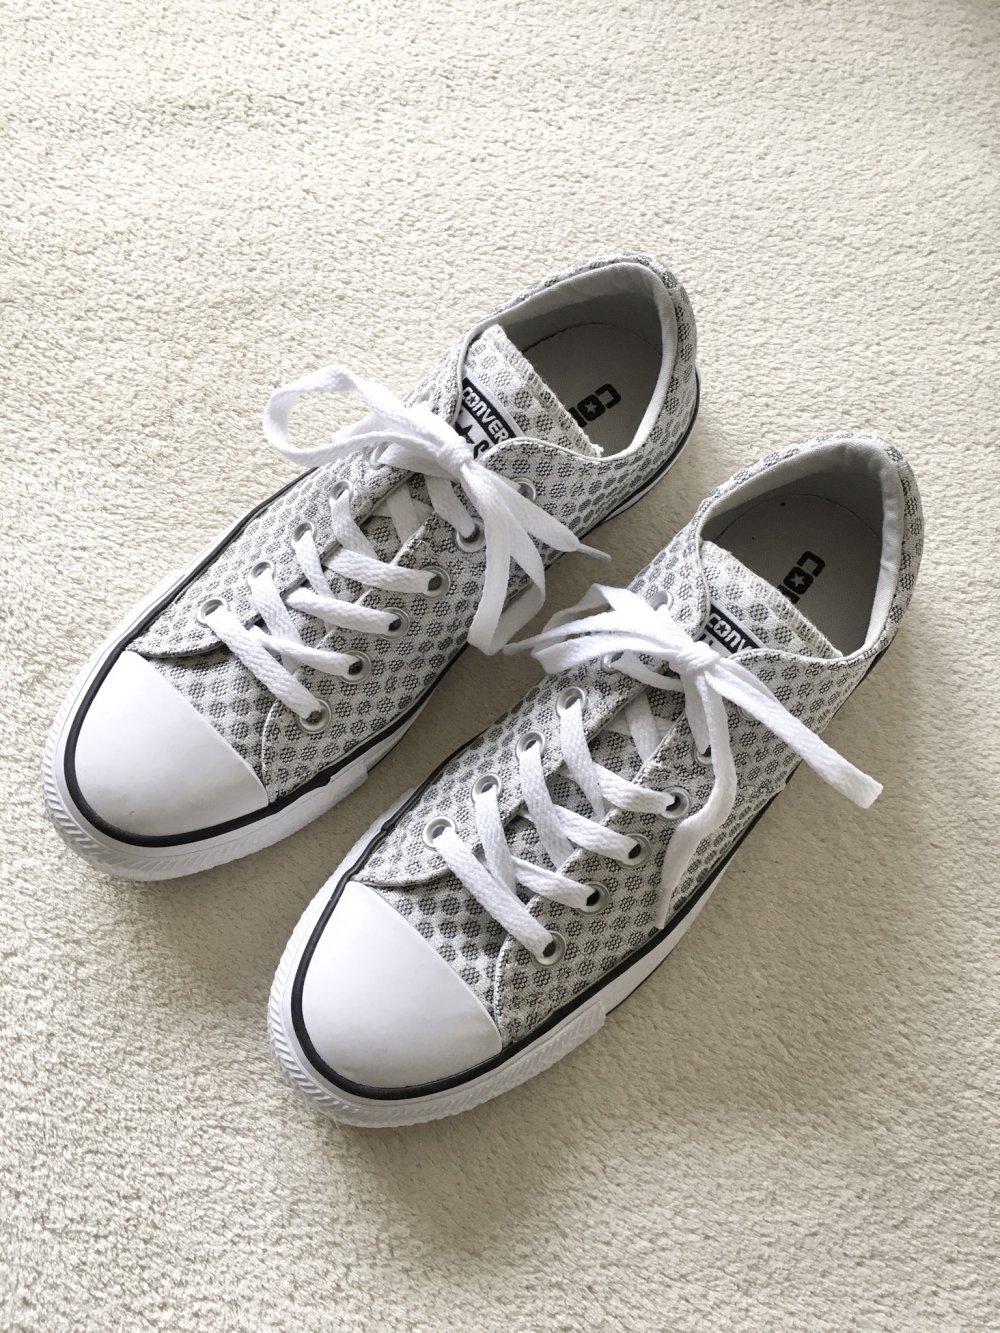 Converse All Star Chucks silber grau weiß Gr. 37,5